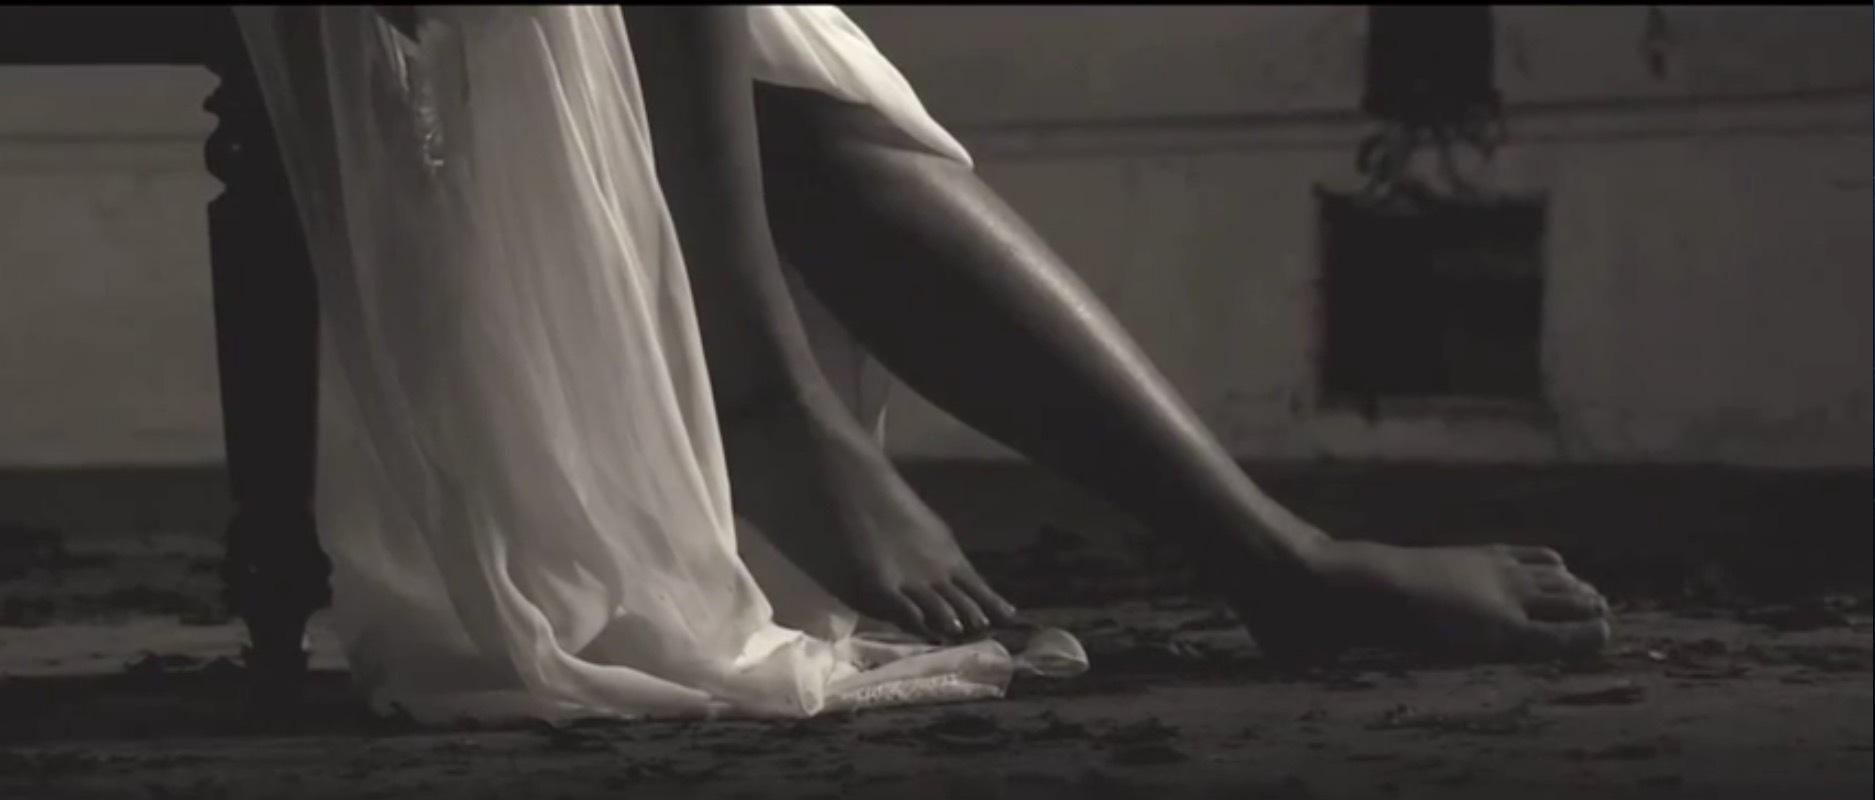 http://pics.wikifeet.com/Emma-Watson-Feet-1985512.jpg